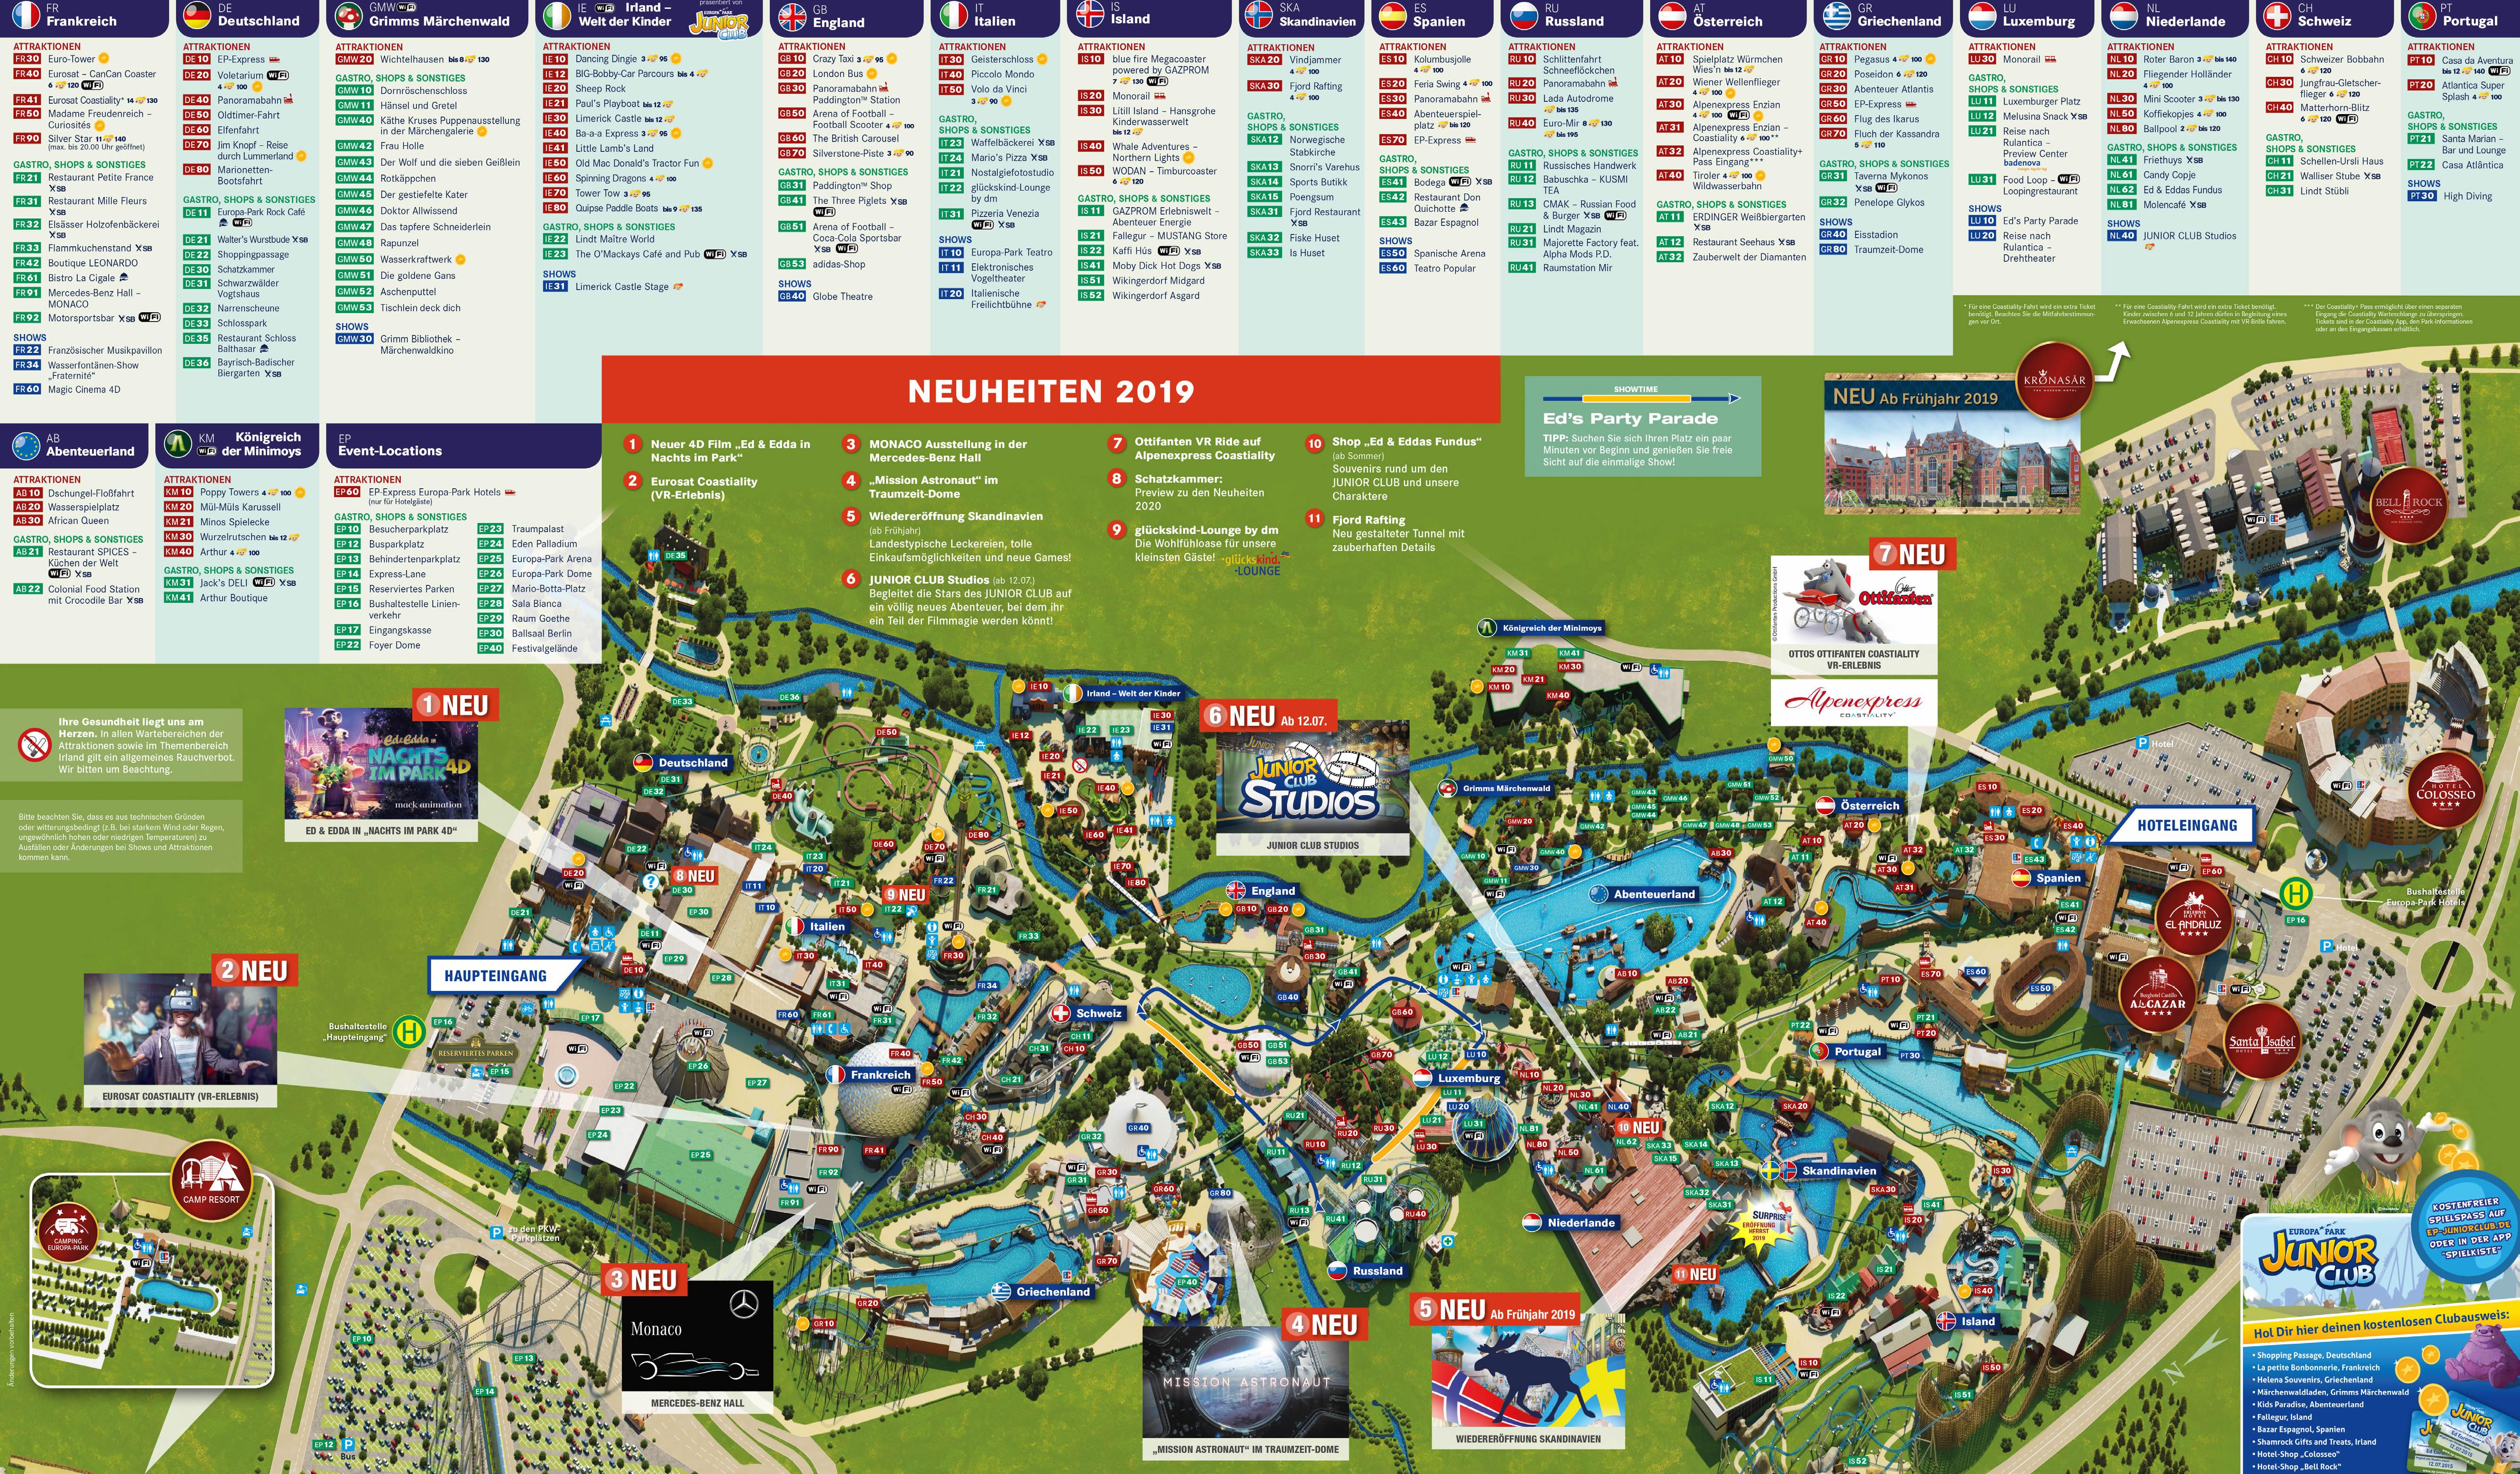 Europapark Plan 2021